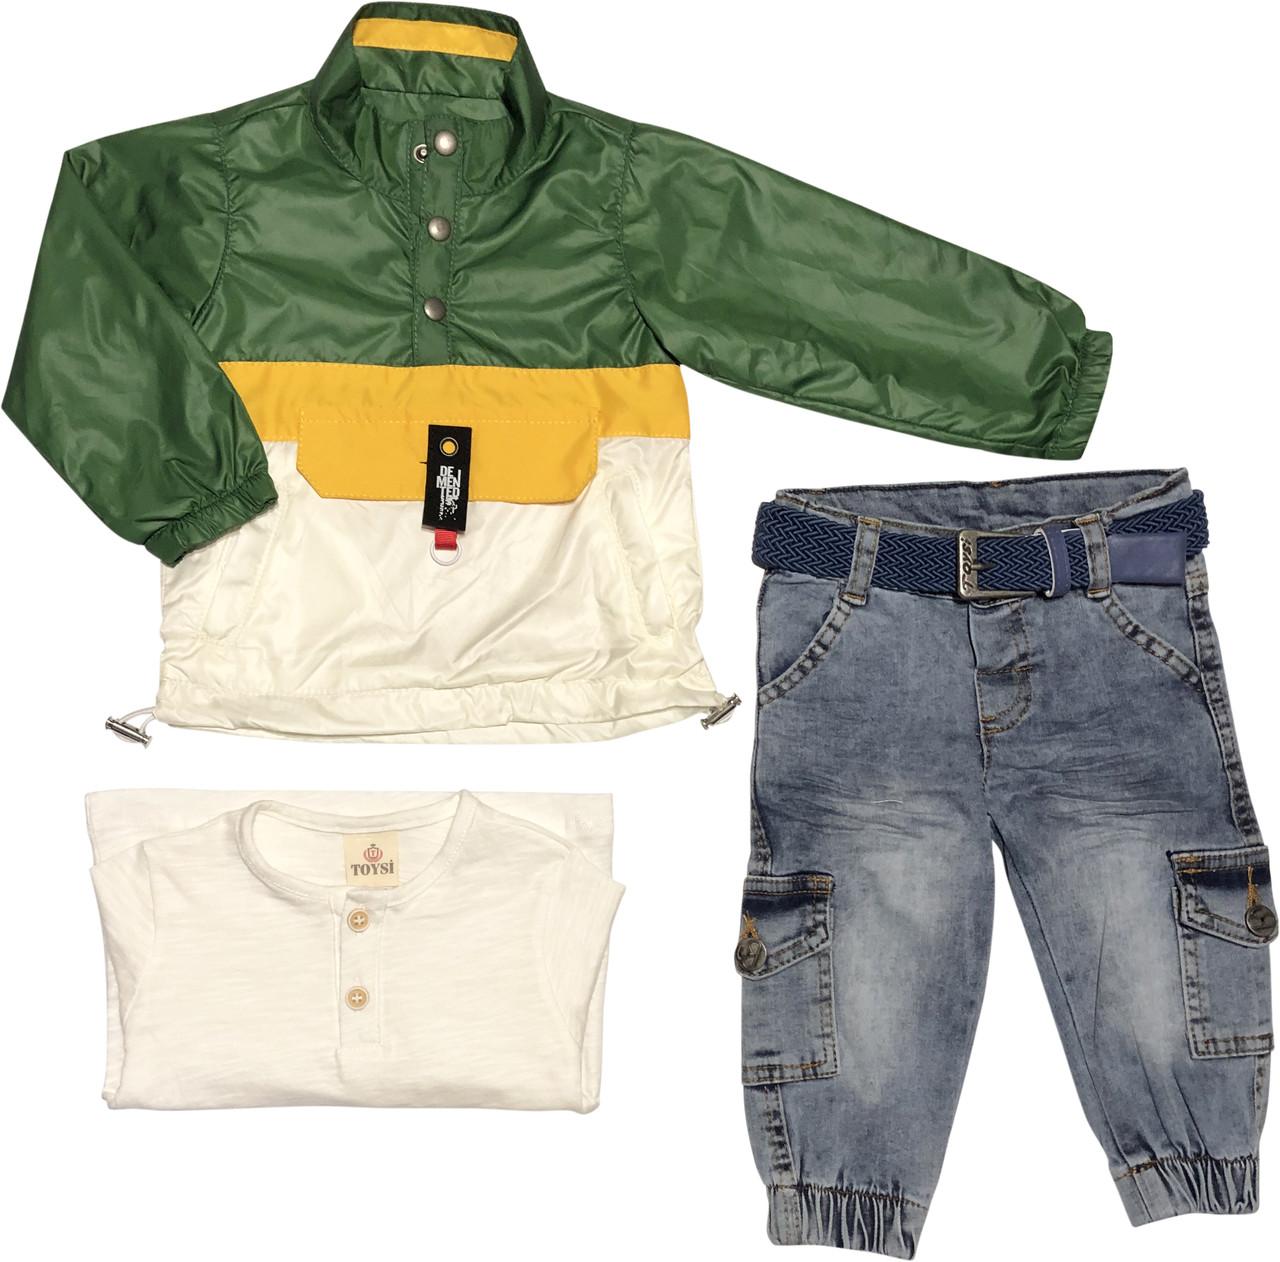 Дитячий демісезонний костюм зростання 74 6-9 міс трикотажний зелений костюмчик на хлопчика комплект з джинсами